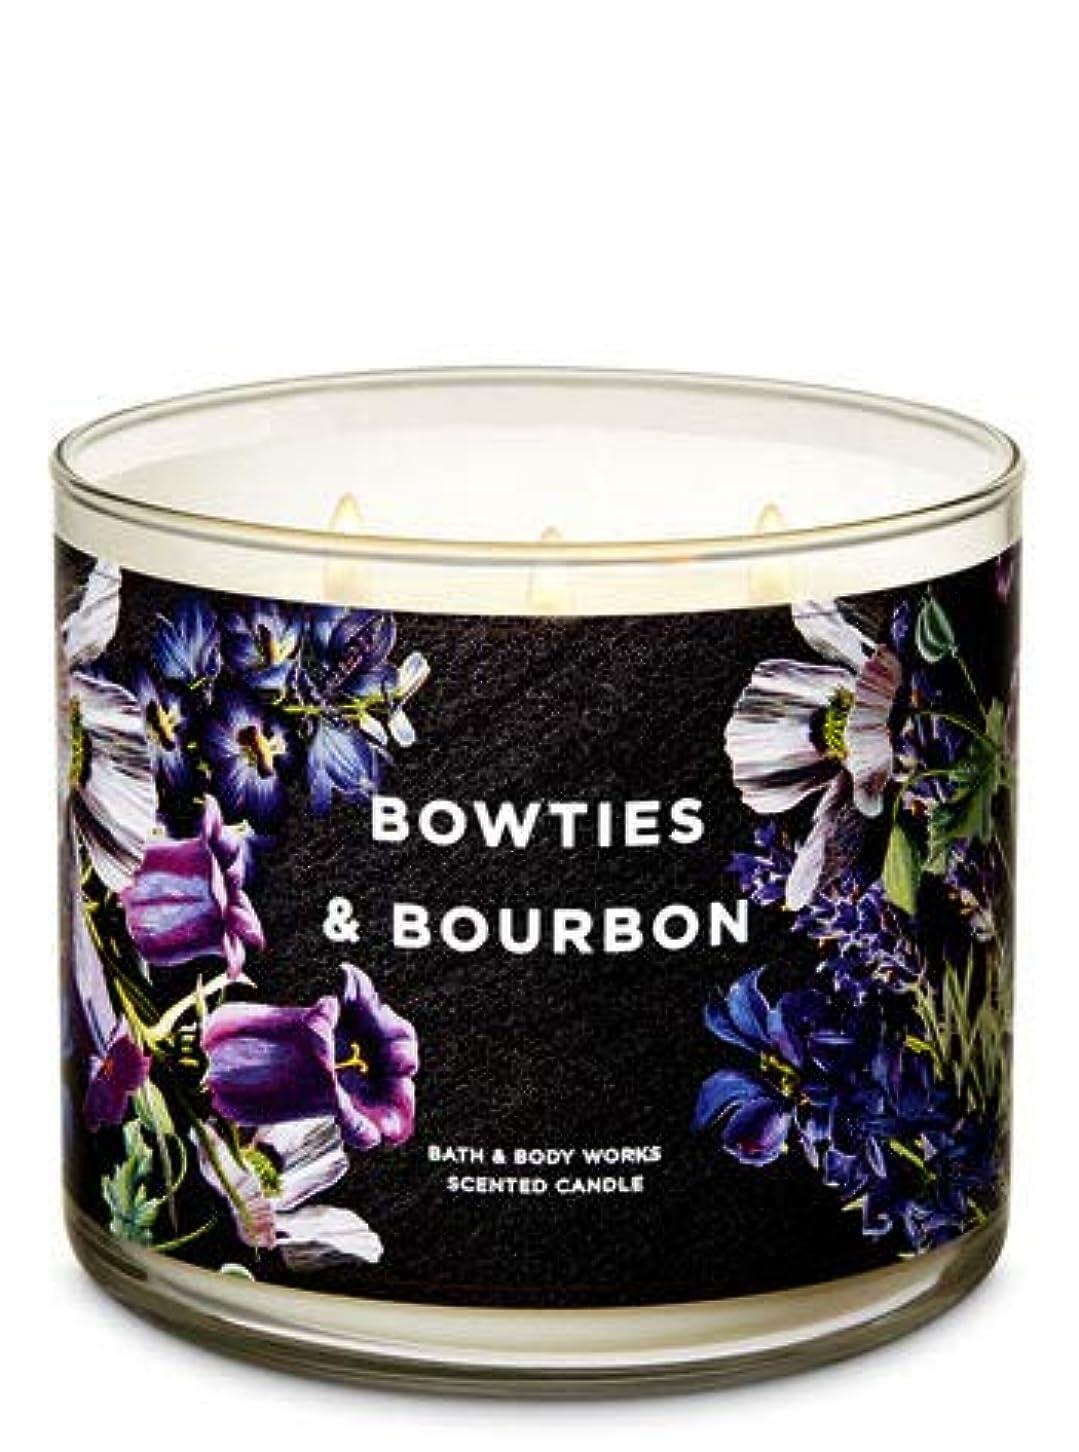 首尾一貫した受けるスクラップ【Bath&Body Works/バス&ボディワークス】 アロマキャンドル ボウタイ&バーボン 3-Wick Scented Candle Bowties & Bourbon 14.5oz/411g [並行輸入品]